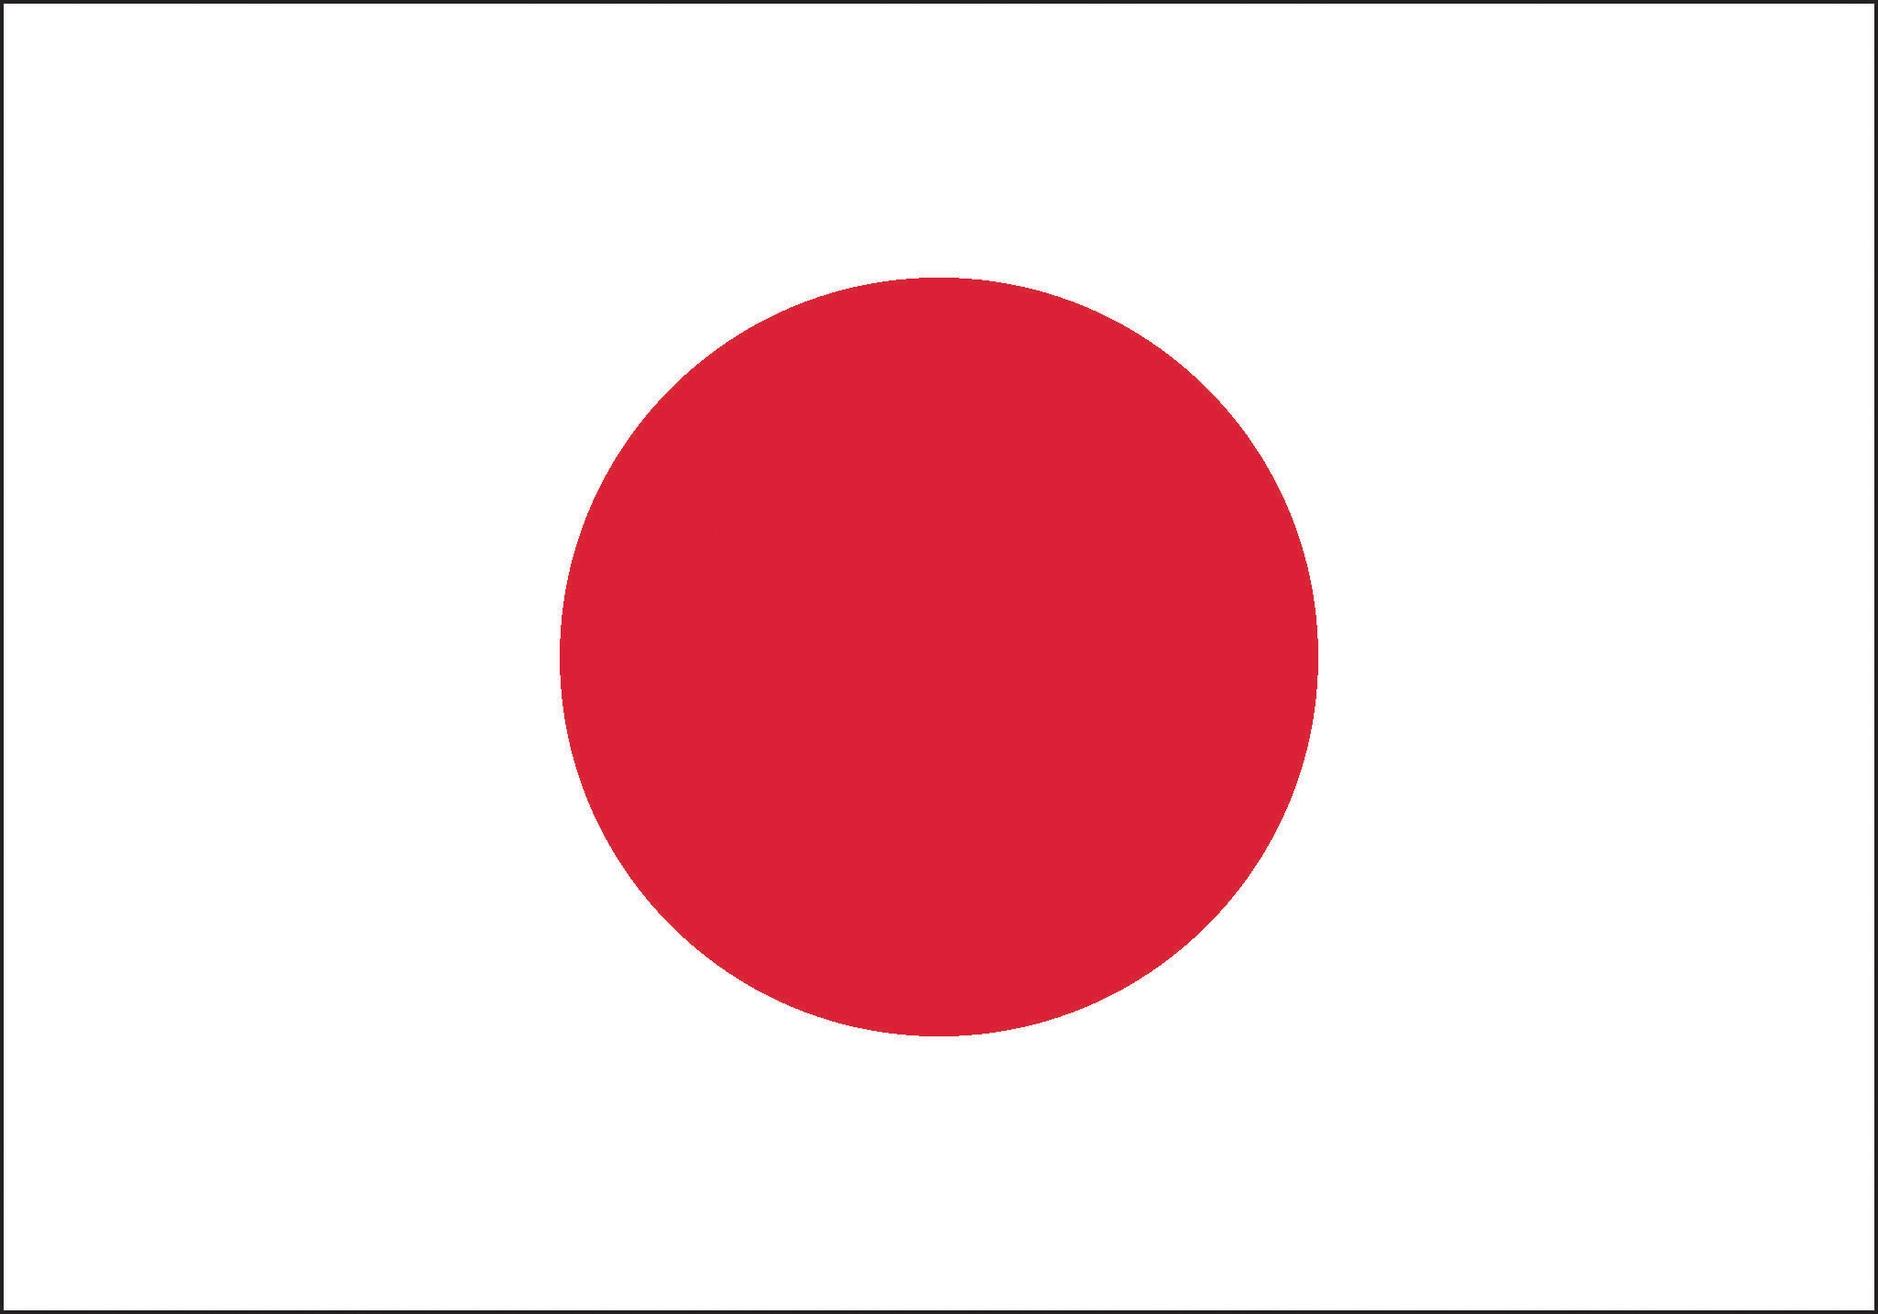 https://i0.wp.com/www.uk.emb-japan.go.jp/en/embassy/embassy/Japanese_flag_print.jpg